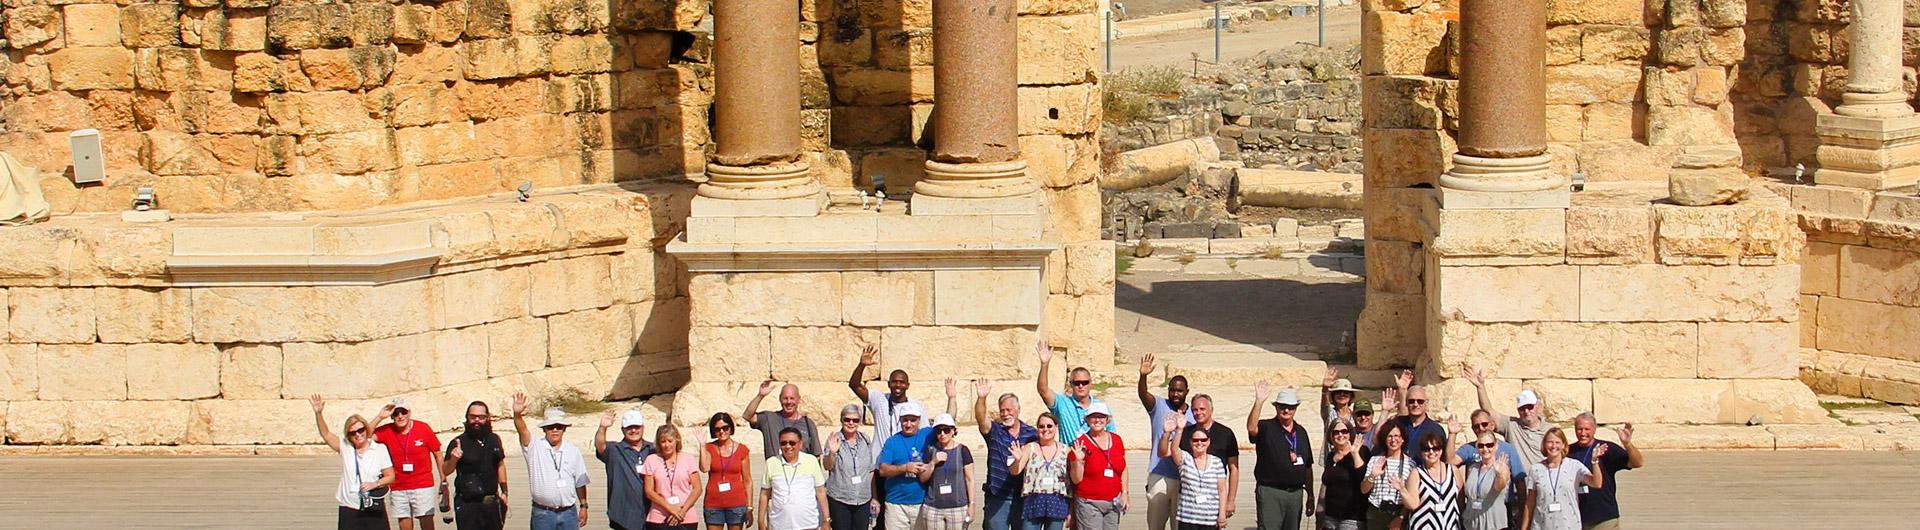 Una foto en Israel con un grupo